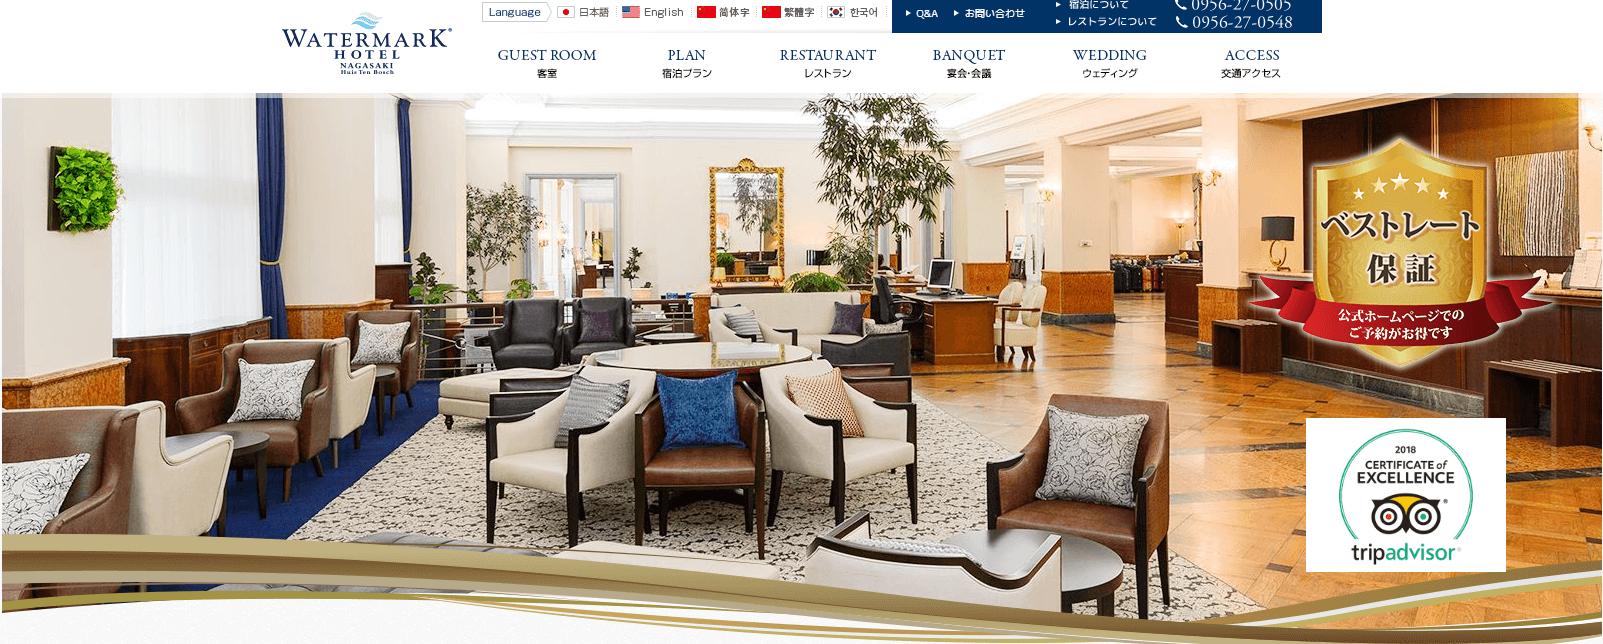 ウォーターマークホテル長崎・ハウステンボス【公式】|長崎県佐世保市ハウステンボス内のホテル